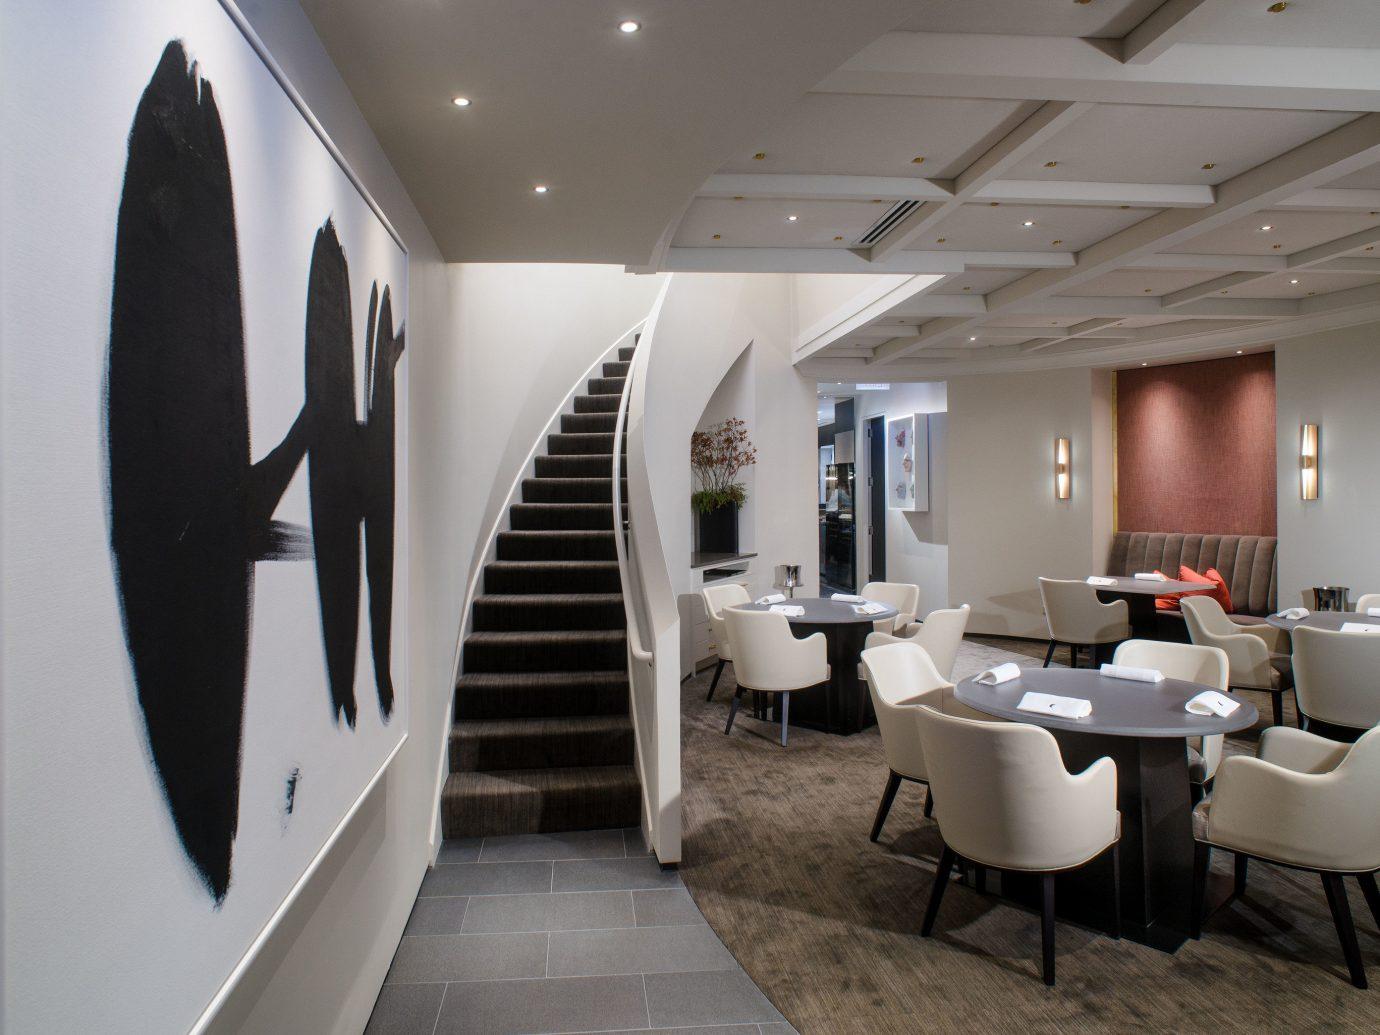 Trip Ideas indoor floor ceiling room Architecture interior design Design furniture